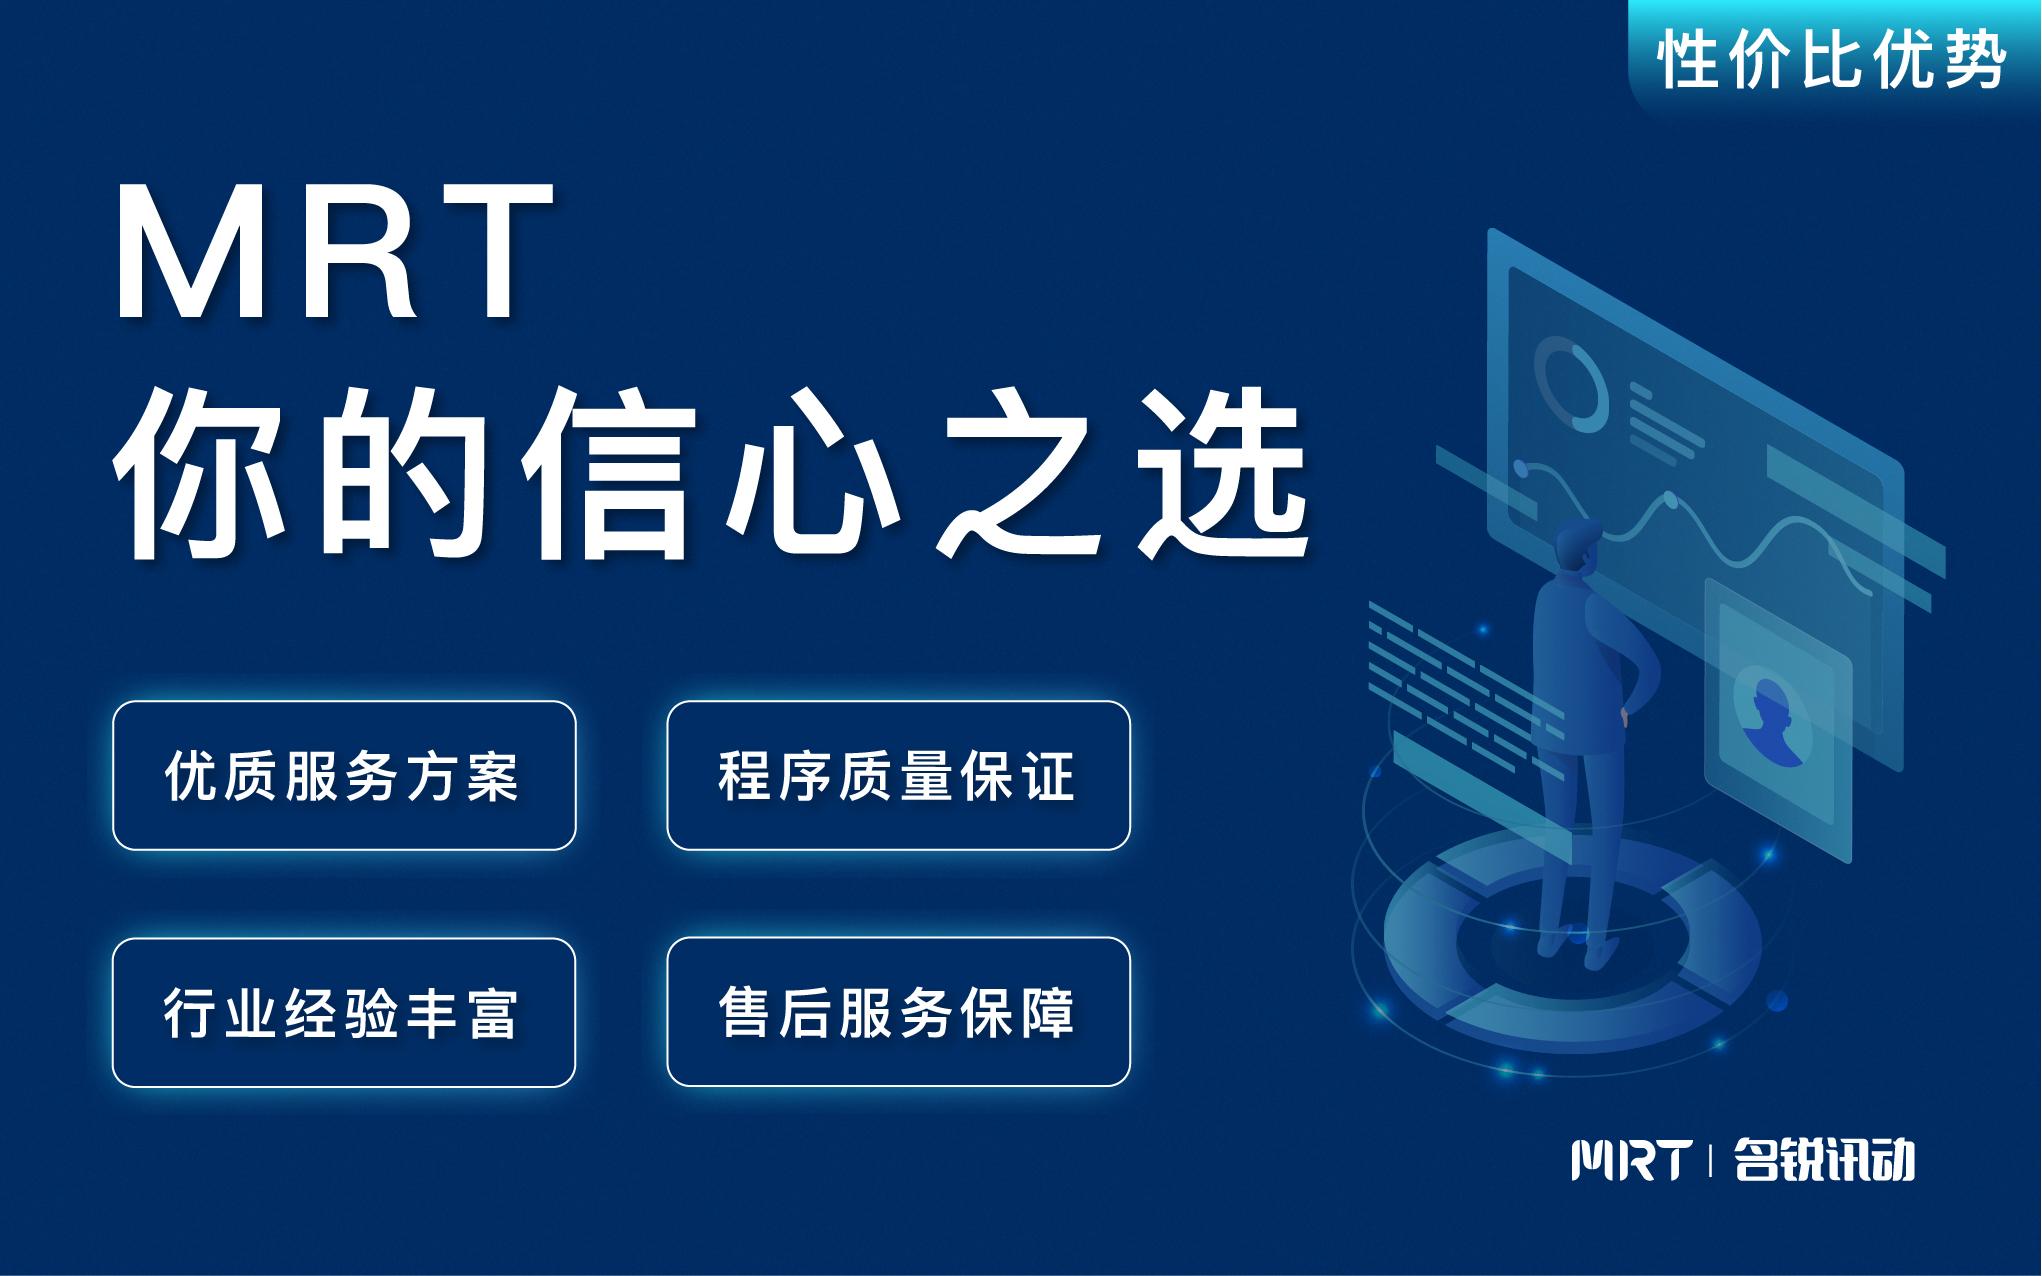 H5开发H5设计H5定制H5定制开发H5直播互动营销h5开发